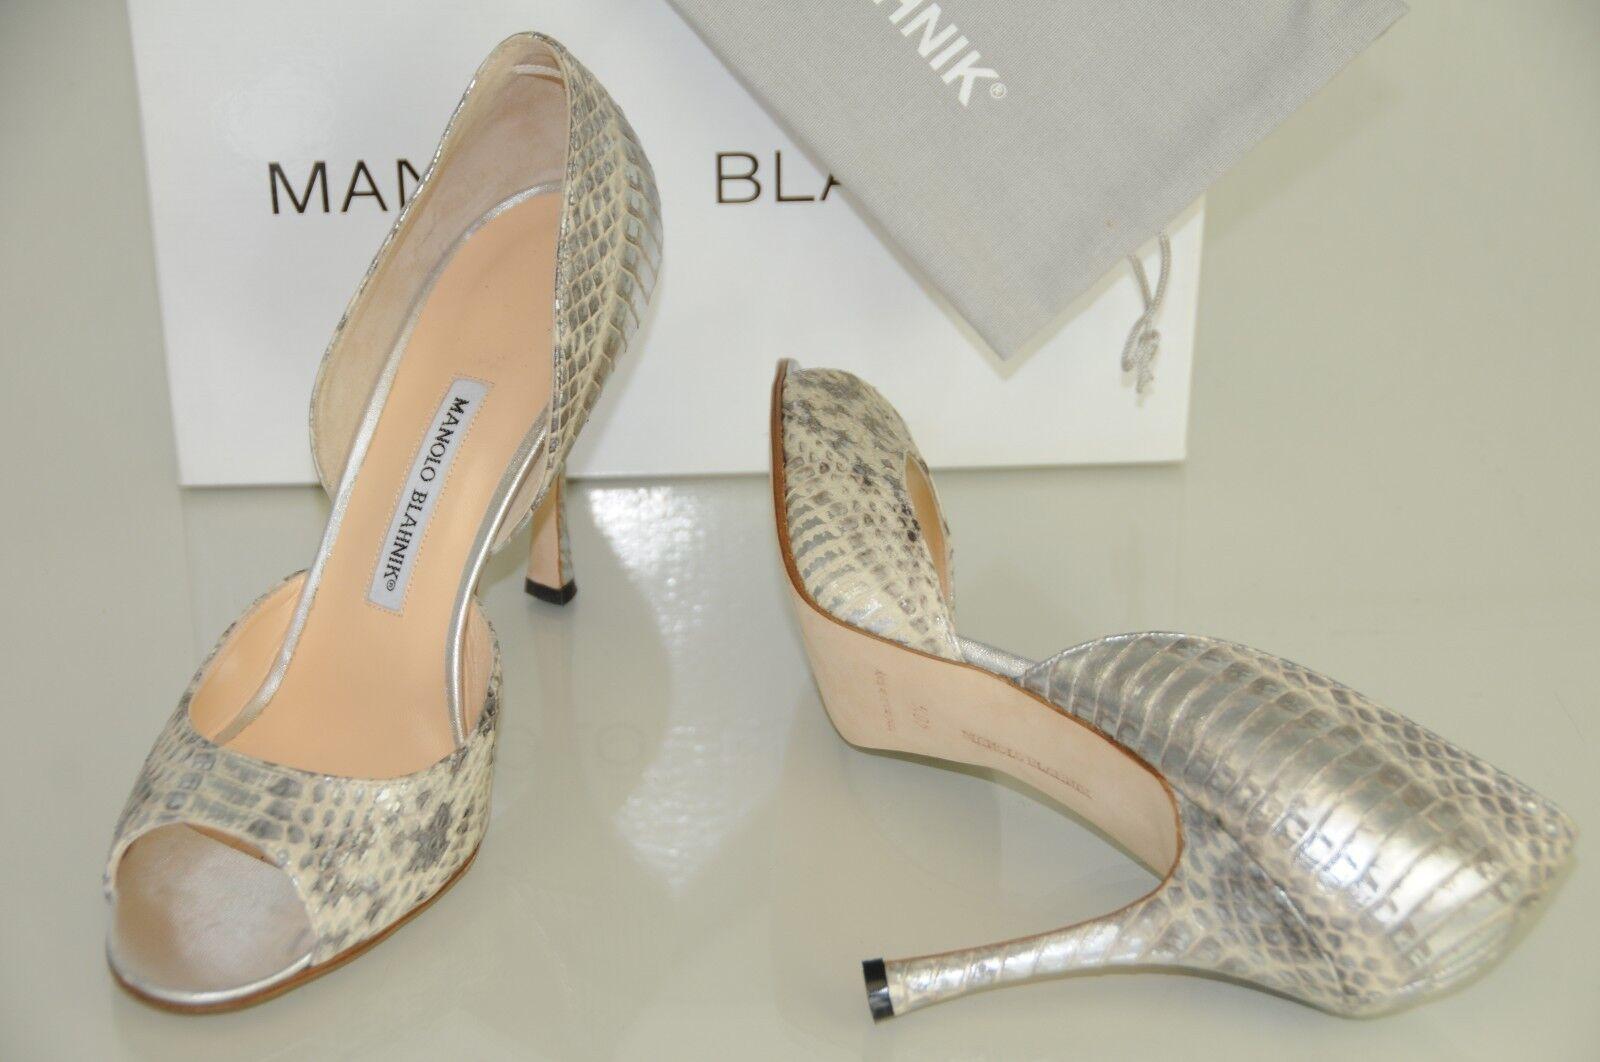 Neu Manolo Blahnik Maricrona Silber Grau Creme Exotischer Schlange Dorsay Schuhe